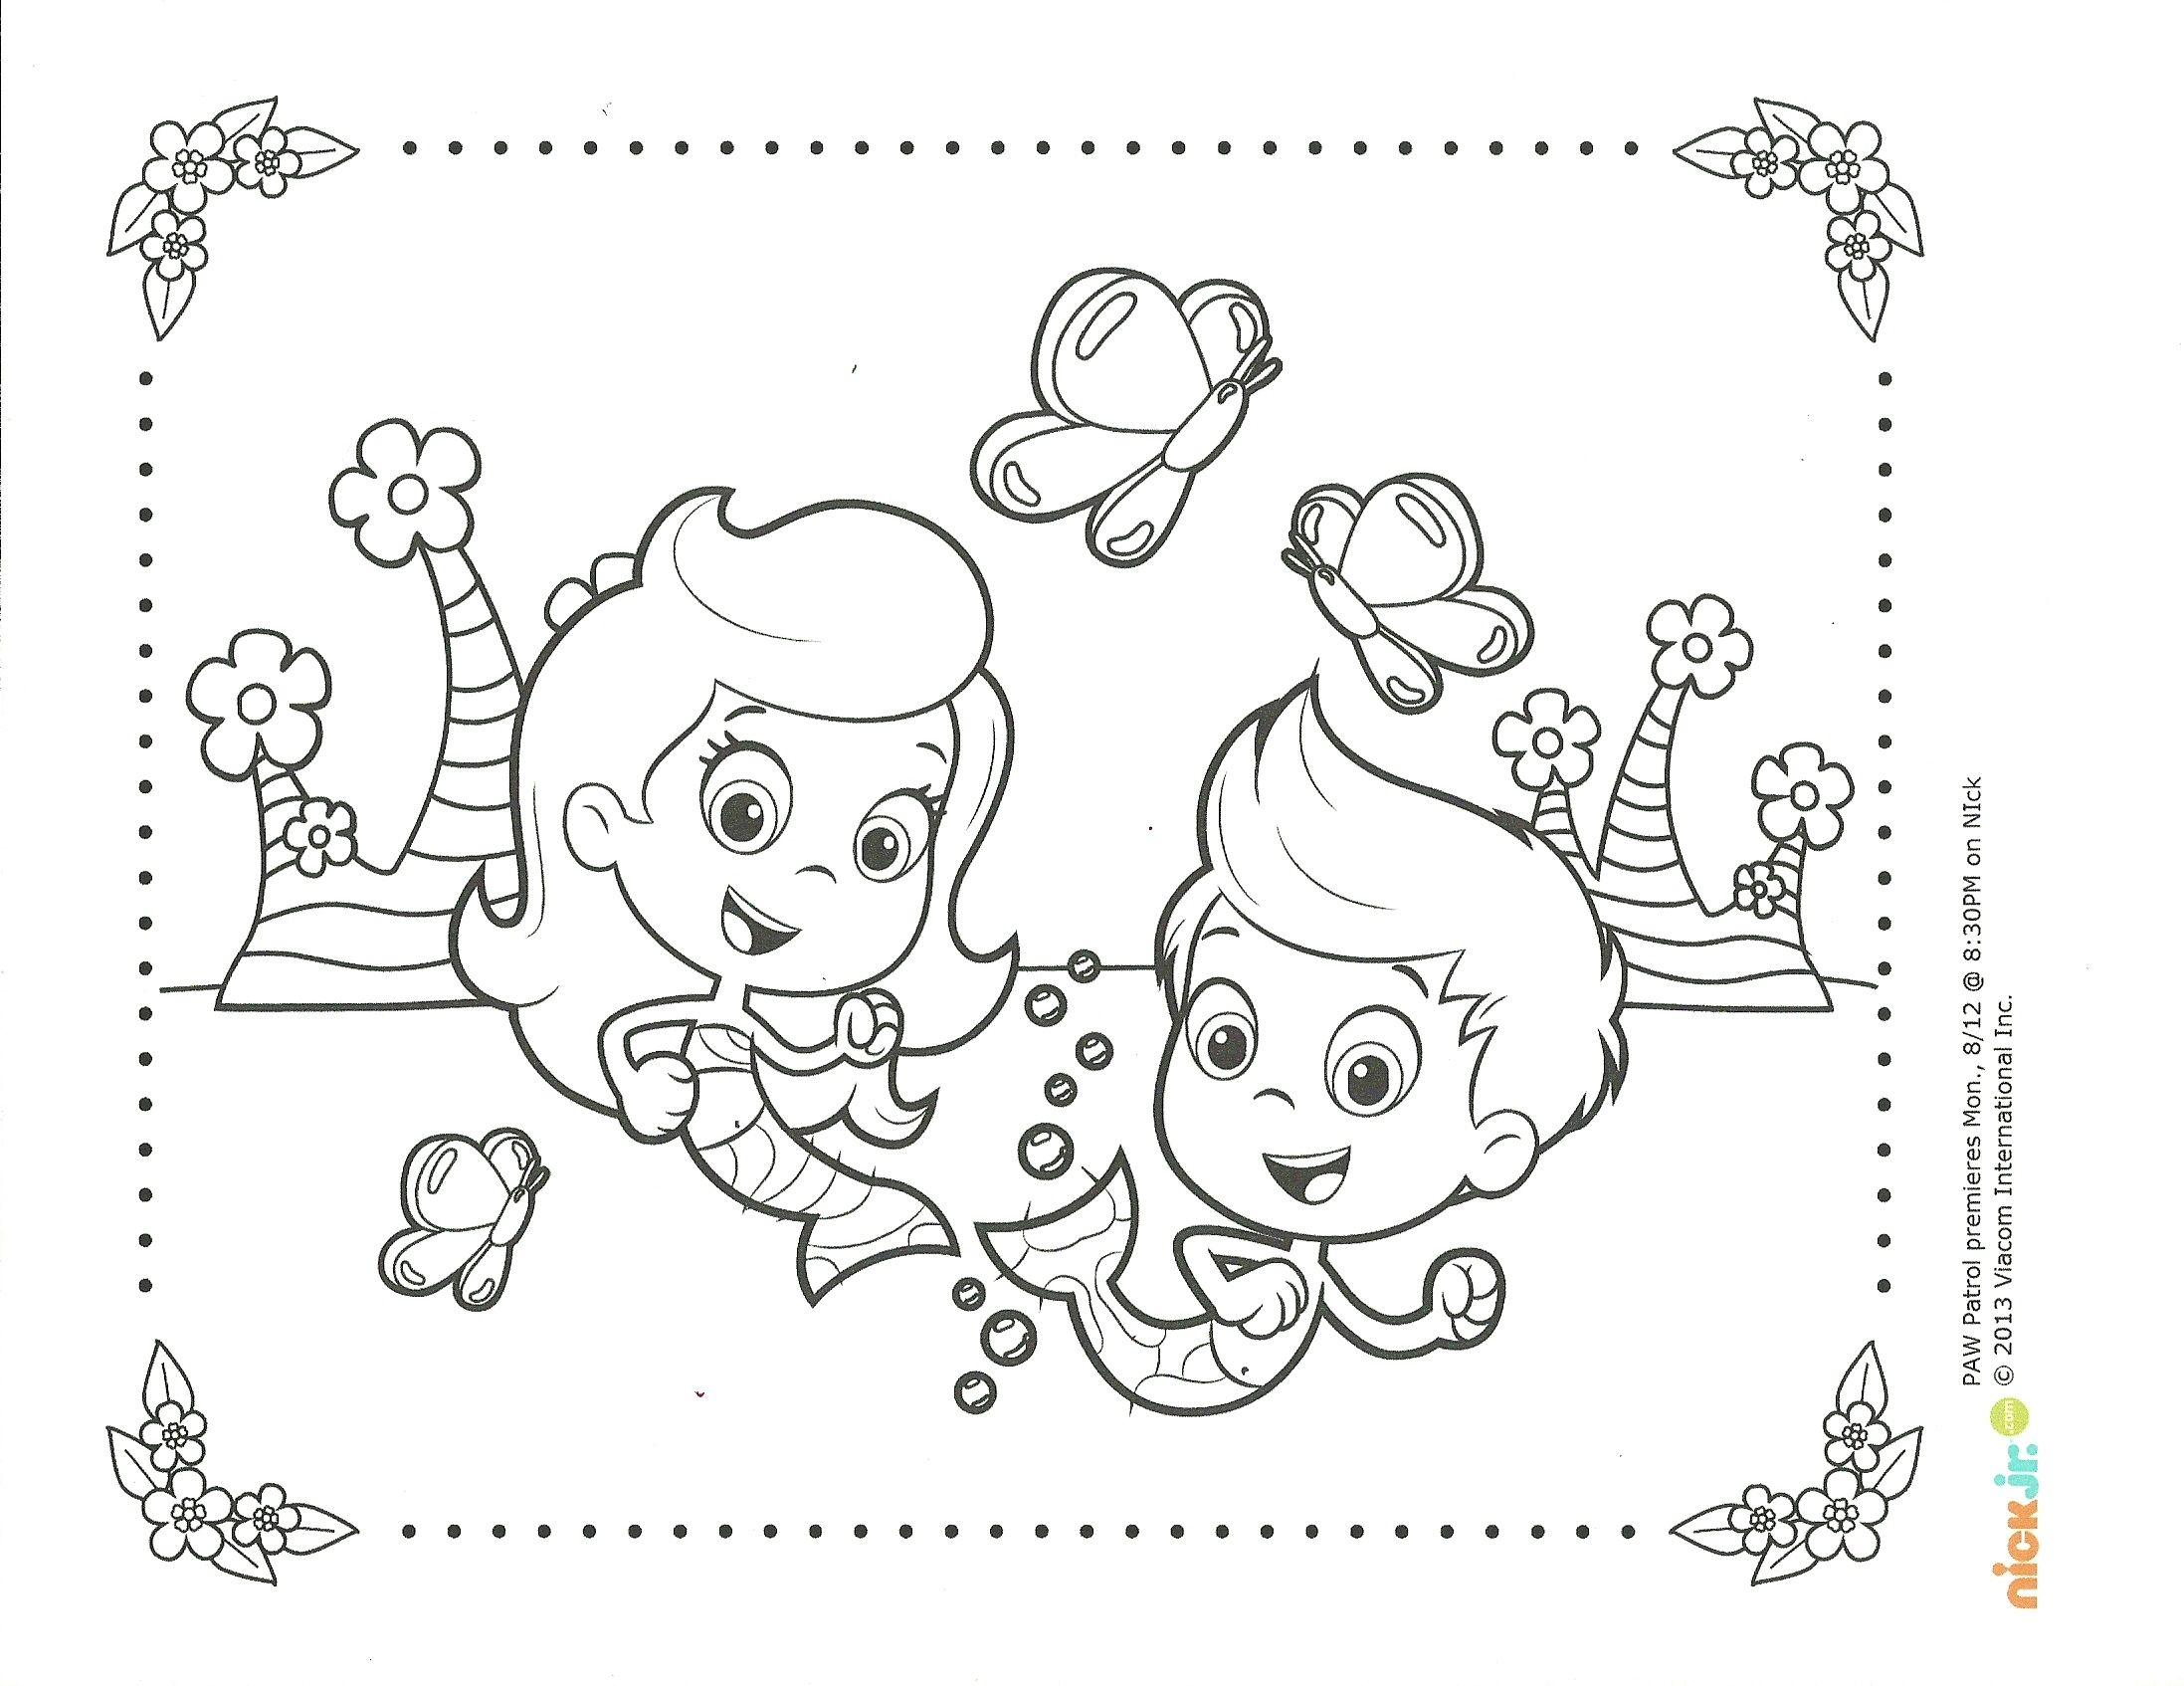 Bubble Guppies Springtime Coloring Page Bubble Guppies Coloring Pages Coloring Pages Coloring Books